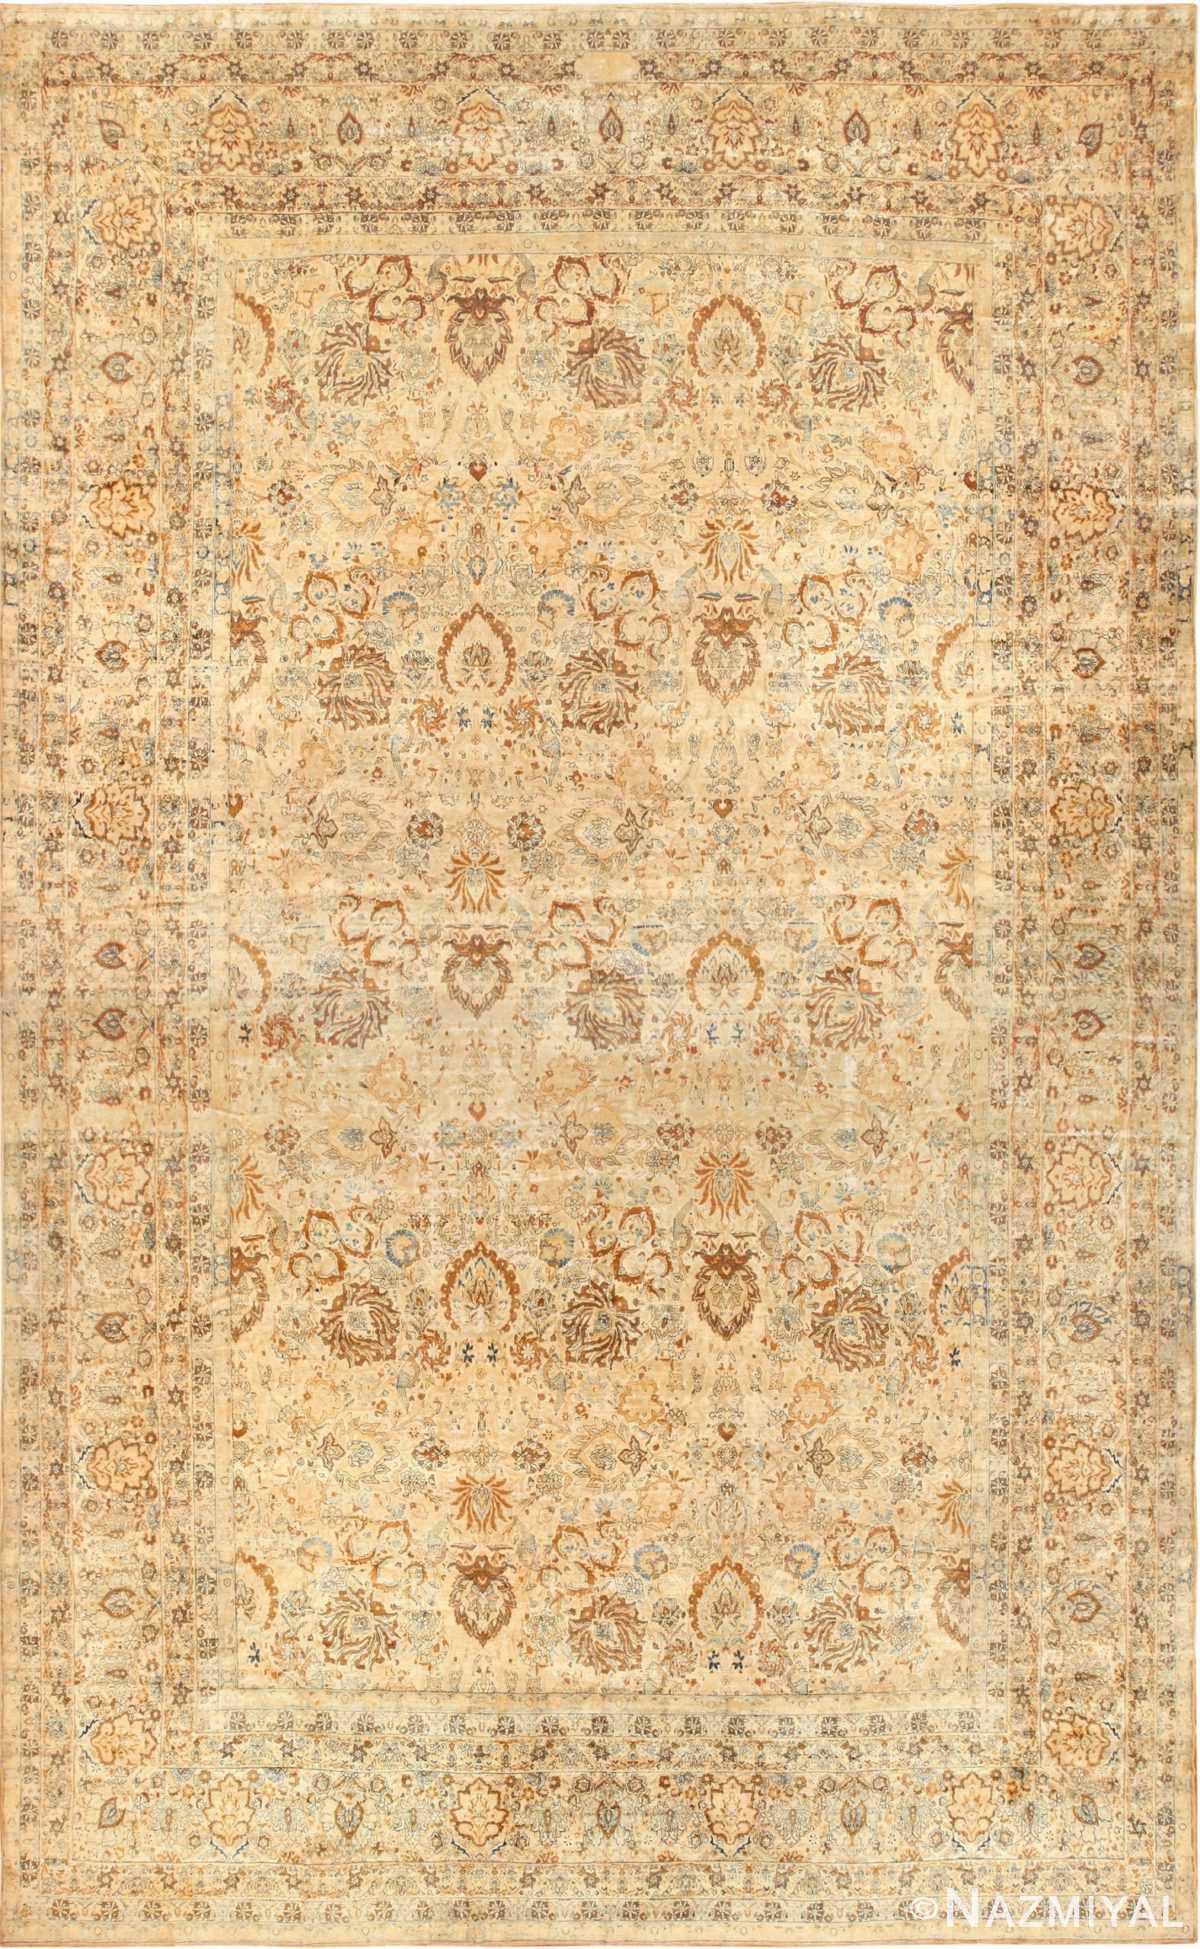 oversized animal motif kerman persian rug 49330 Nazmiyal